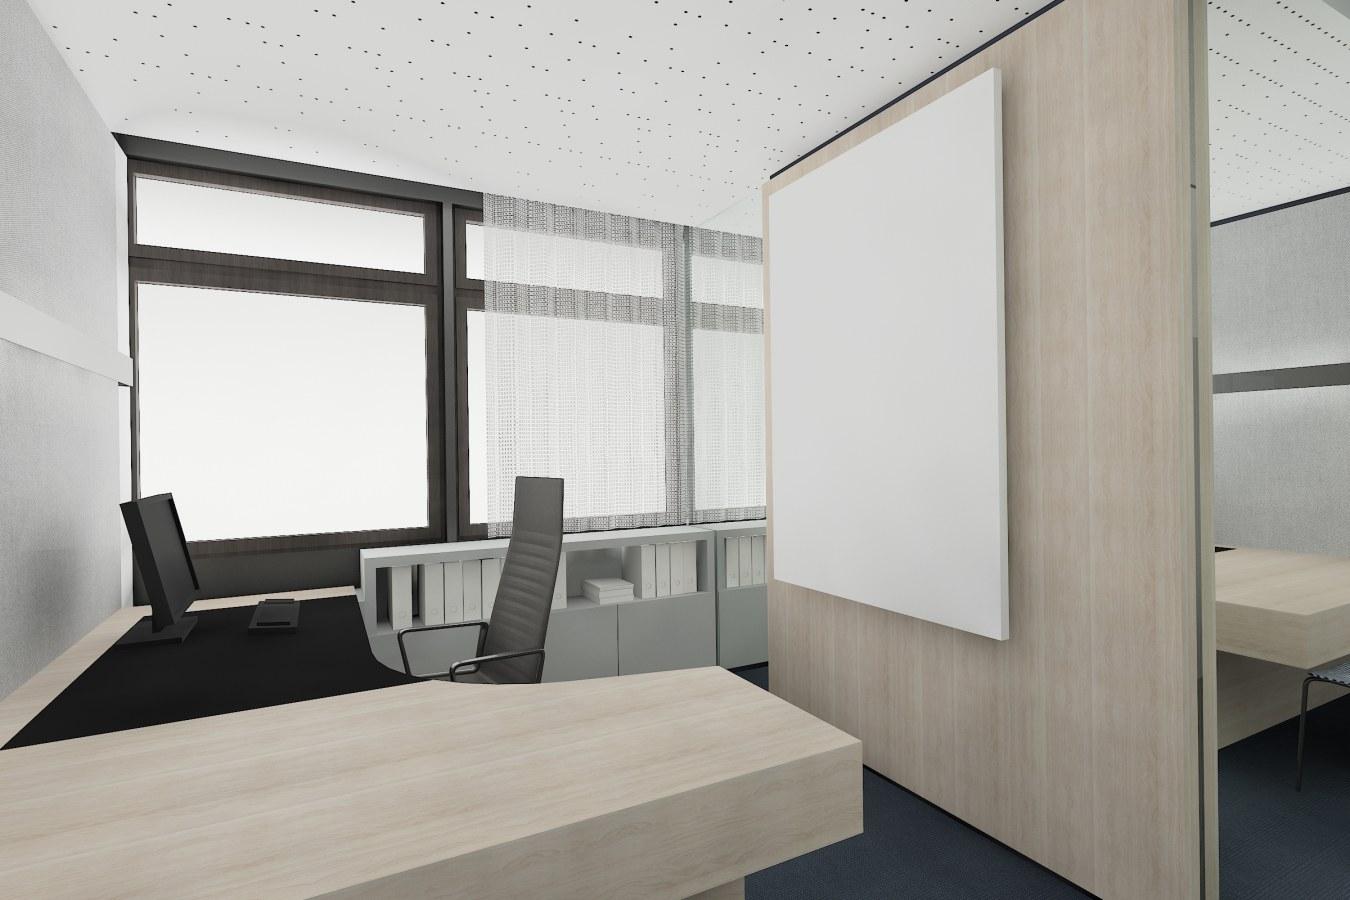 Isabell-Ehring-Innenarchitektur-Stuttgart---Umbau-Buero-F-6.jpg